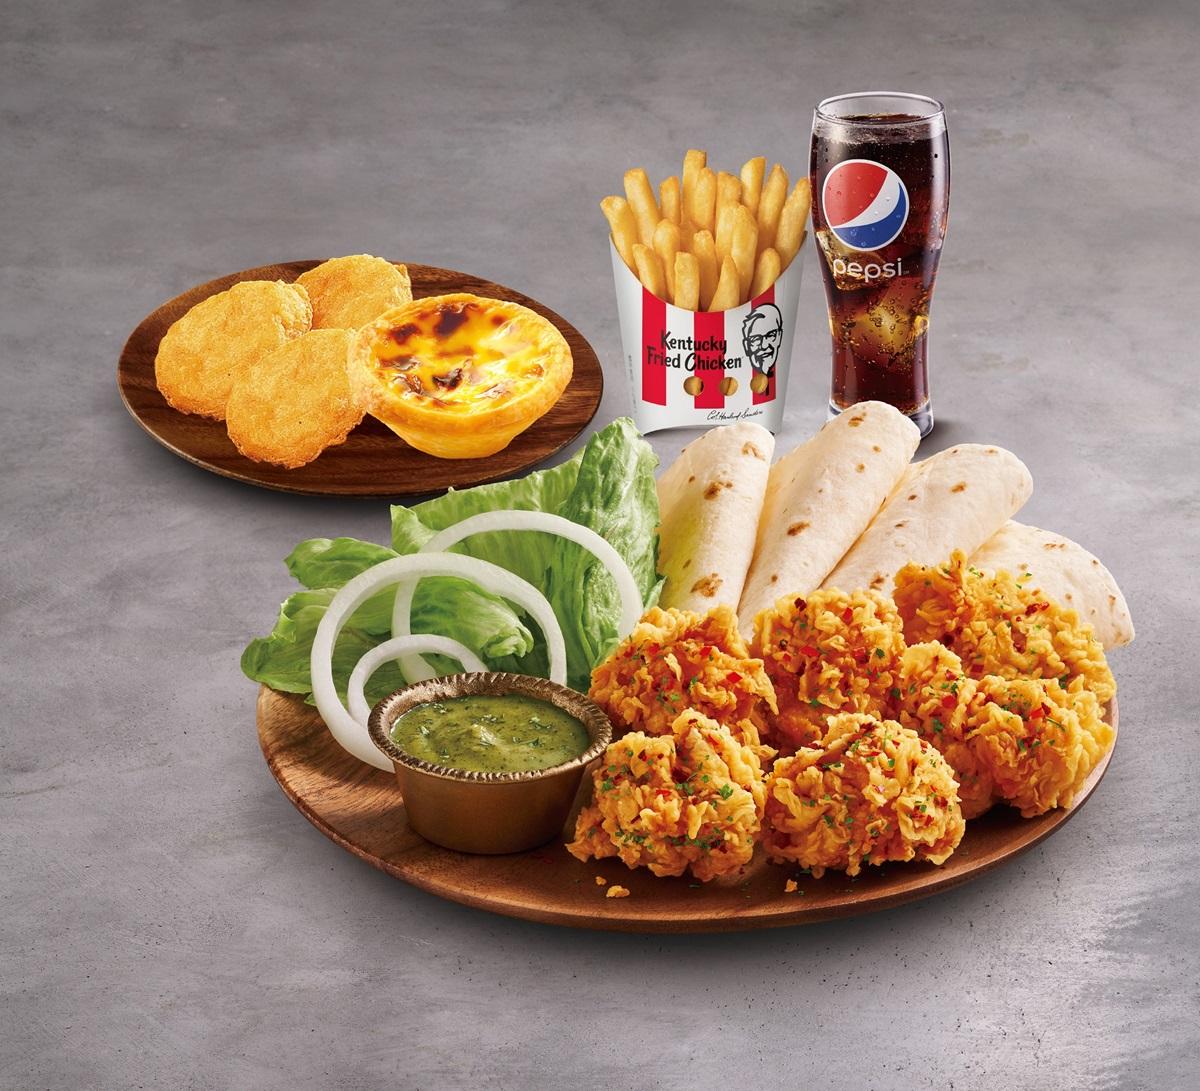 肯德基最新「綠咖哩無骨脆雞自捲餅」!生菜包肉混搭吃法,還能吃雞塊、蛋撻